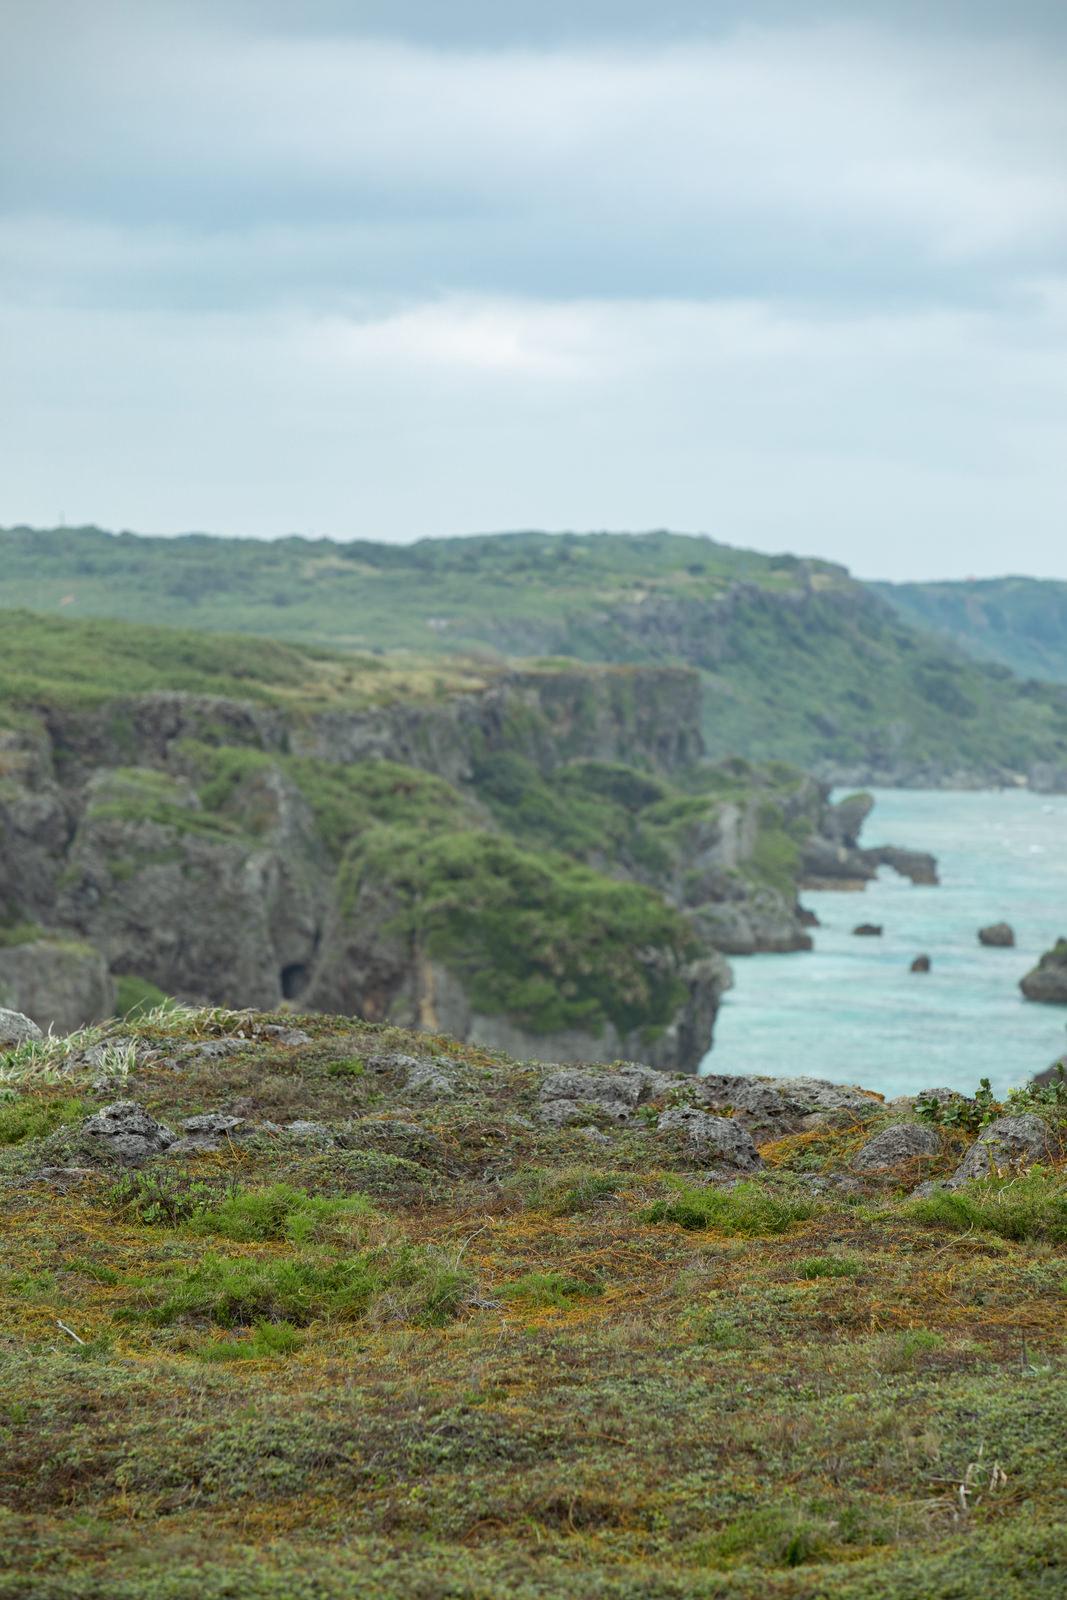 宮古島の断崖宮古島の断崖